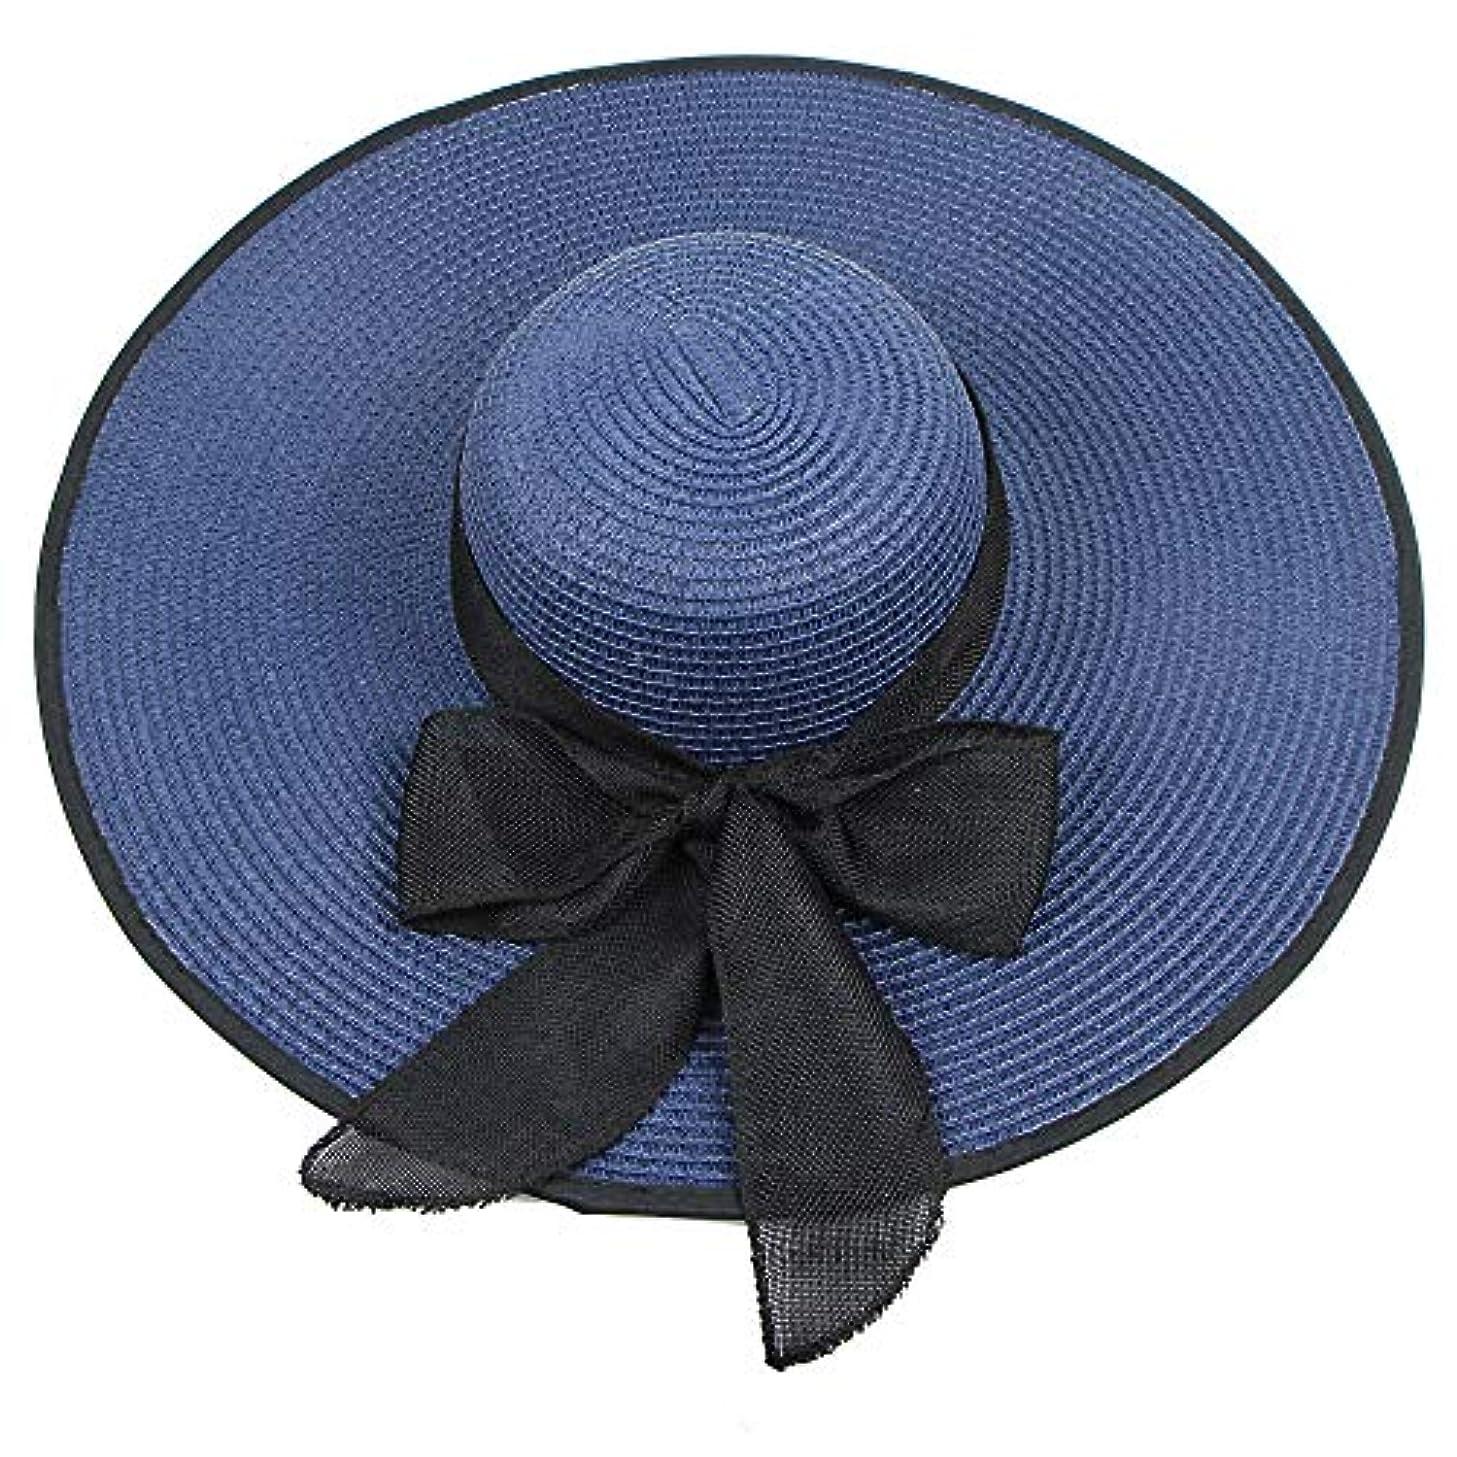 スライムバースト発言するUVカット 帽子 ハット レディース つば広 折りたたみ 持ち運び つば広 調節テープ 吸汗通気 紫外線対策 おしゃれ 可愛い ハット 旅行用 日よけ 夏季 女優帽 小顔効果抜群 花粉対策 小顔 UV対策 ROSE ROMAN